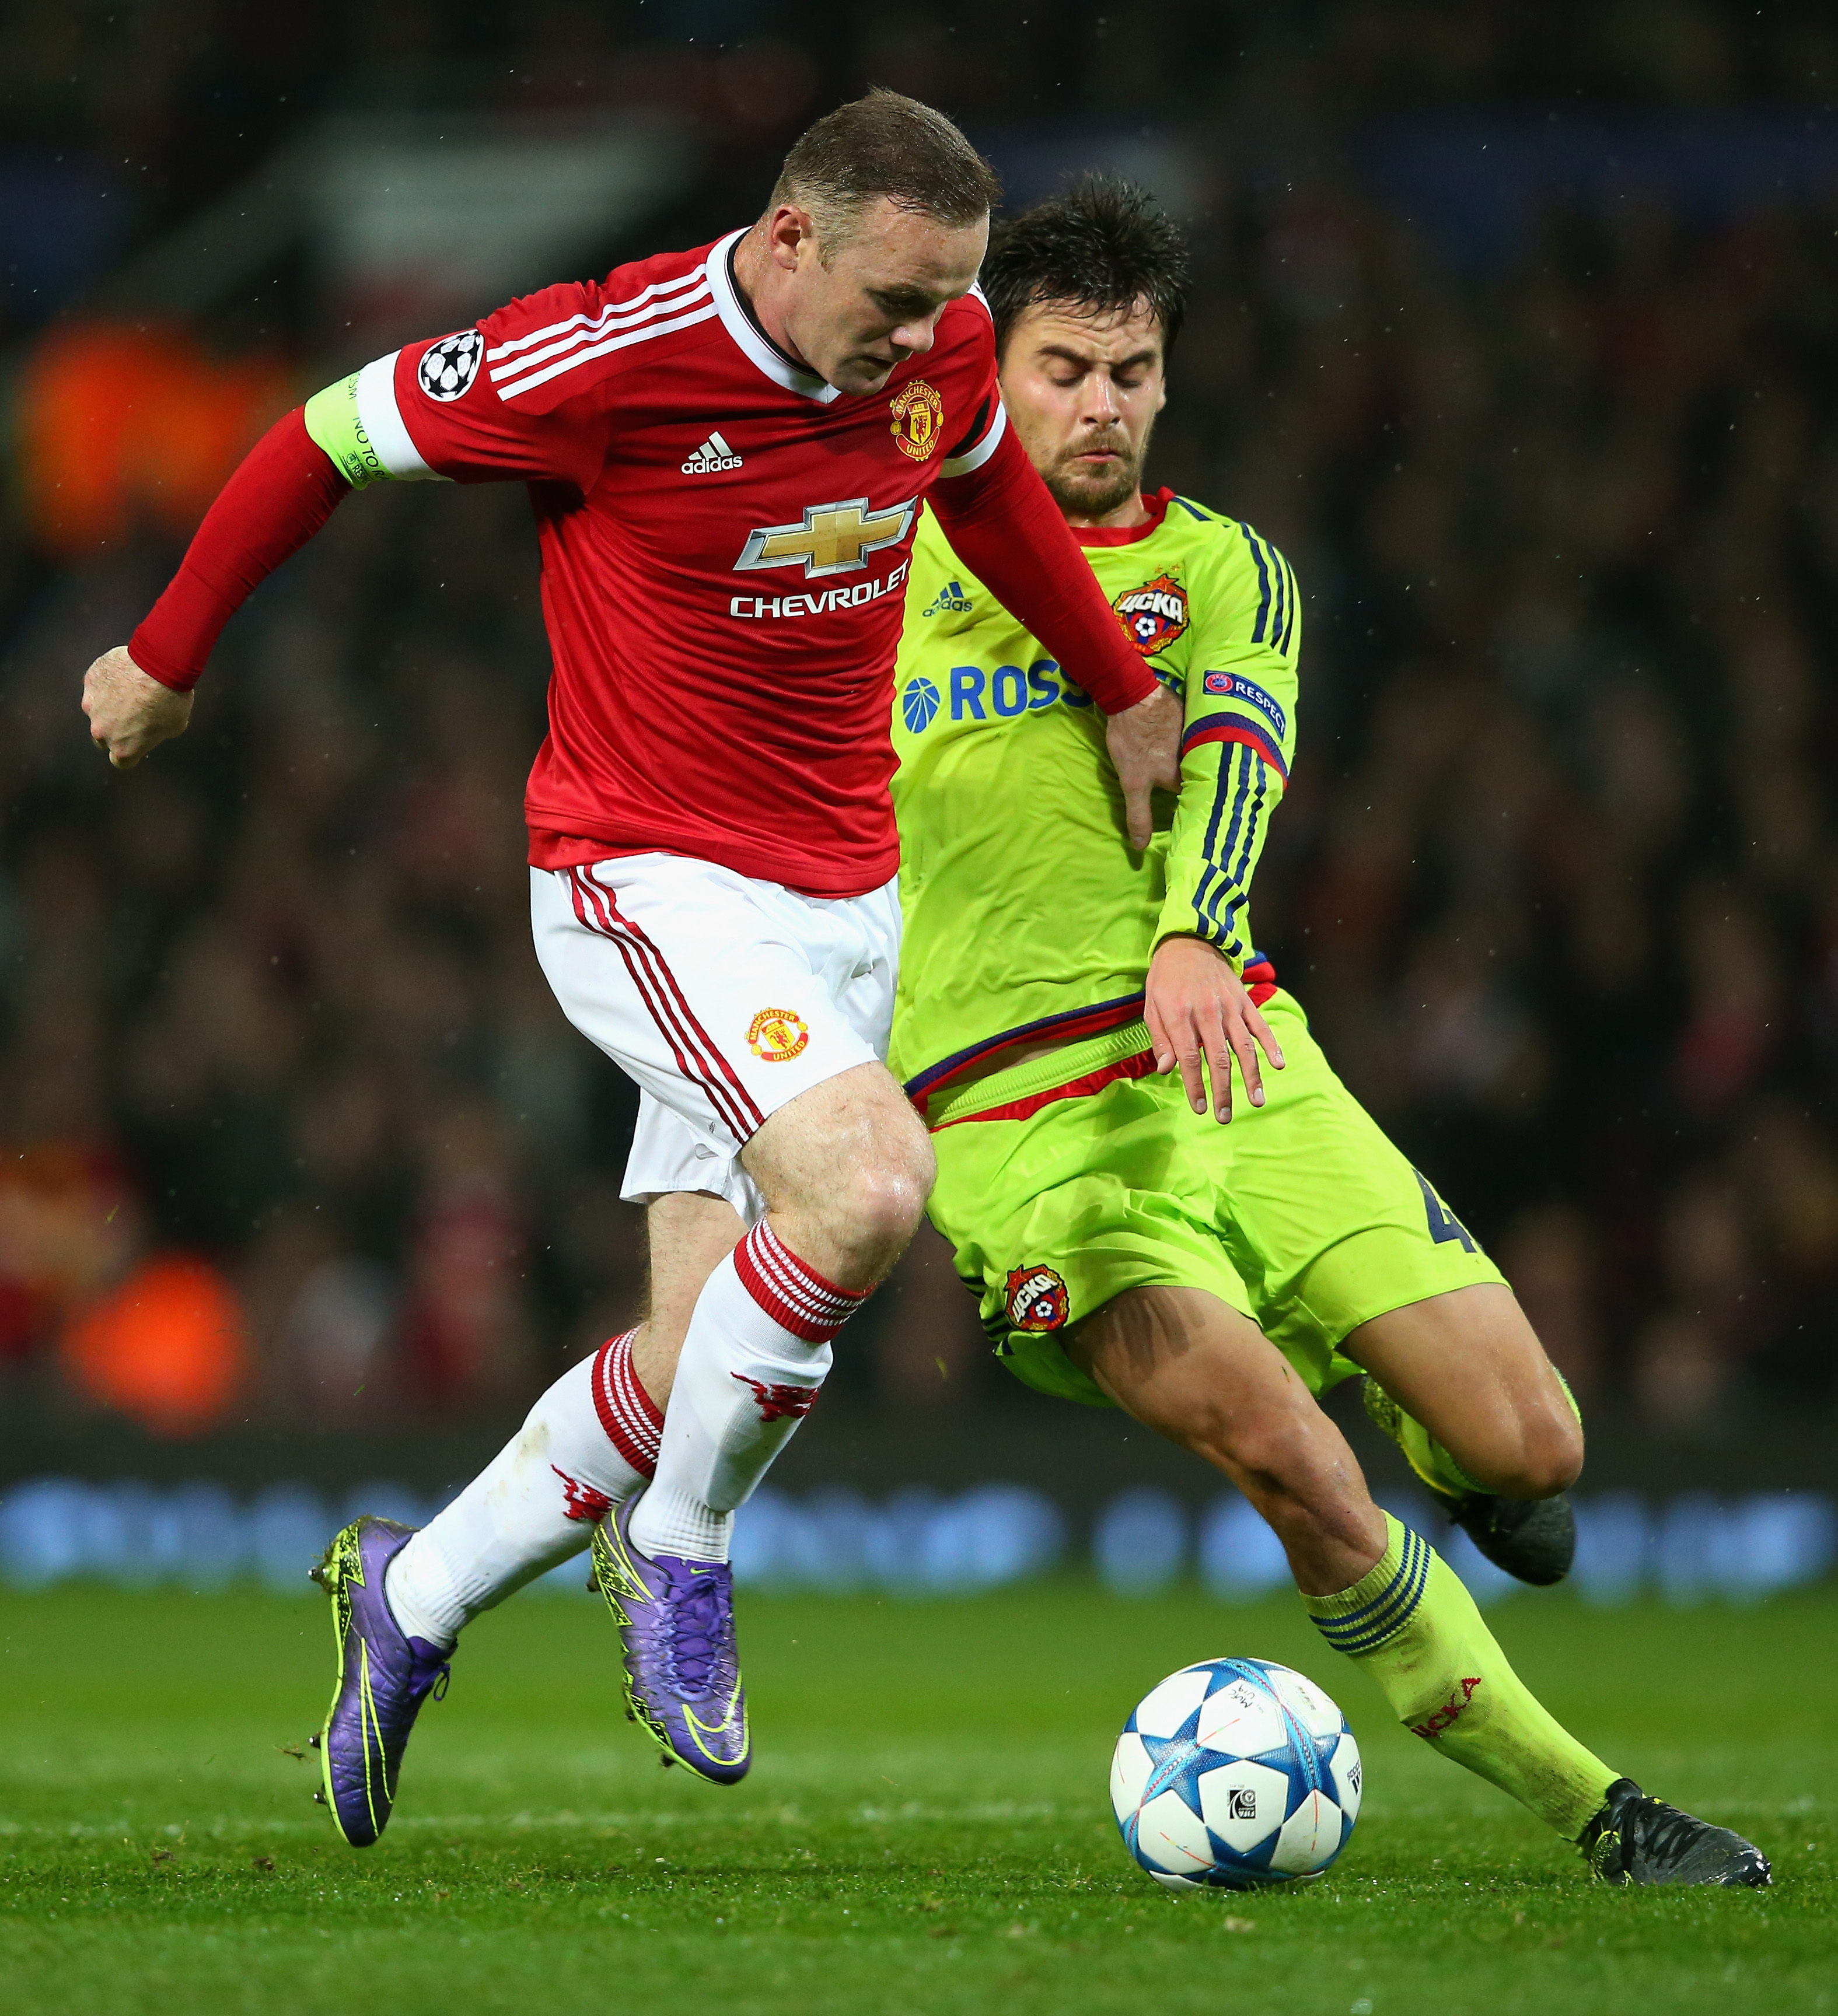 Amar A Muerte Capitulo 18: Manchester United 1-0 CSKA Moscu: Rooney Castiga Al CSKA Y